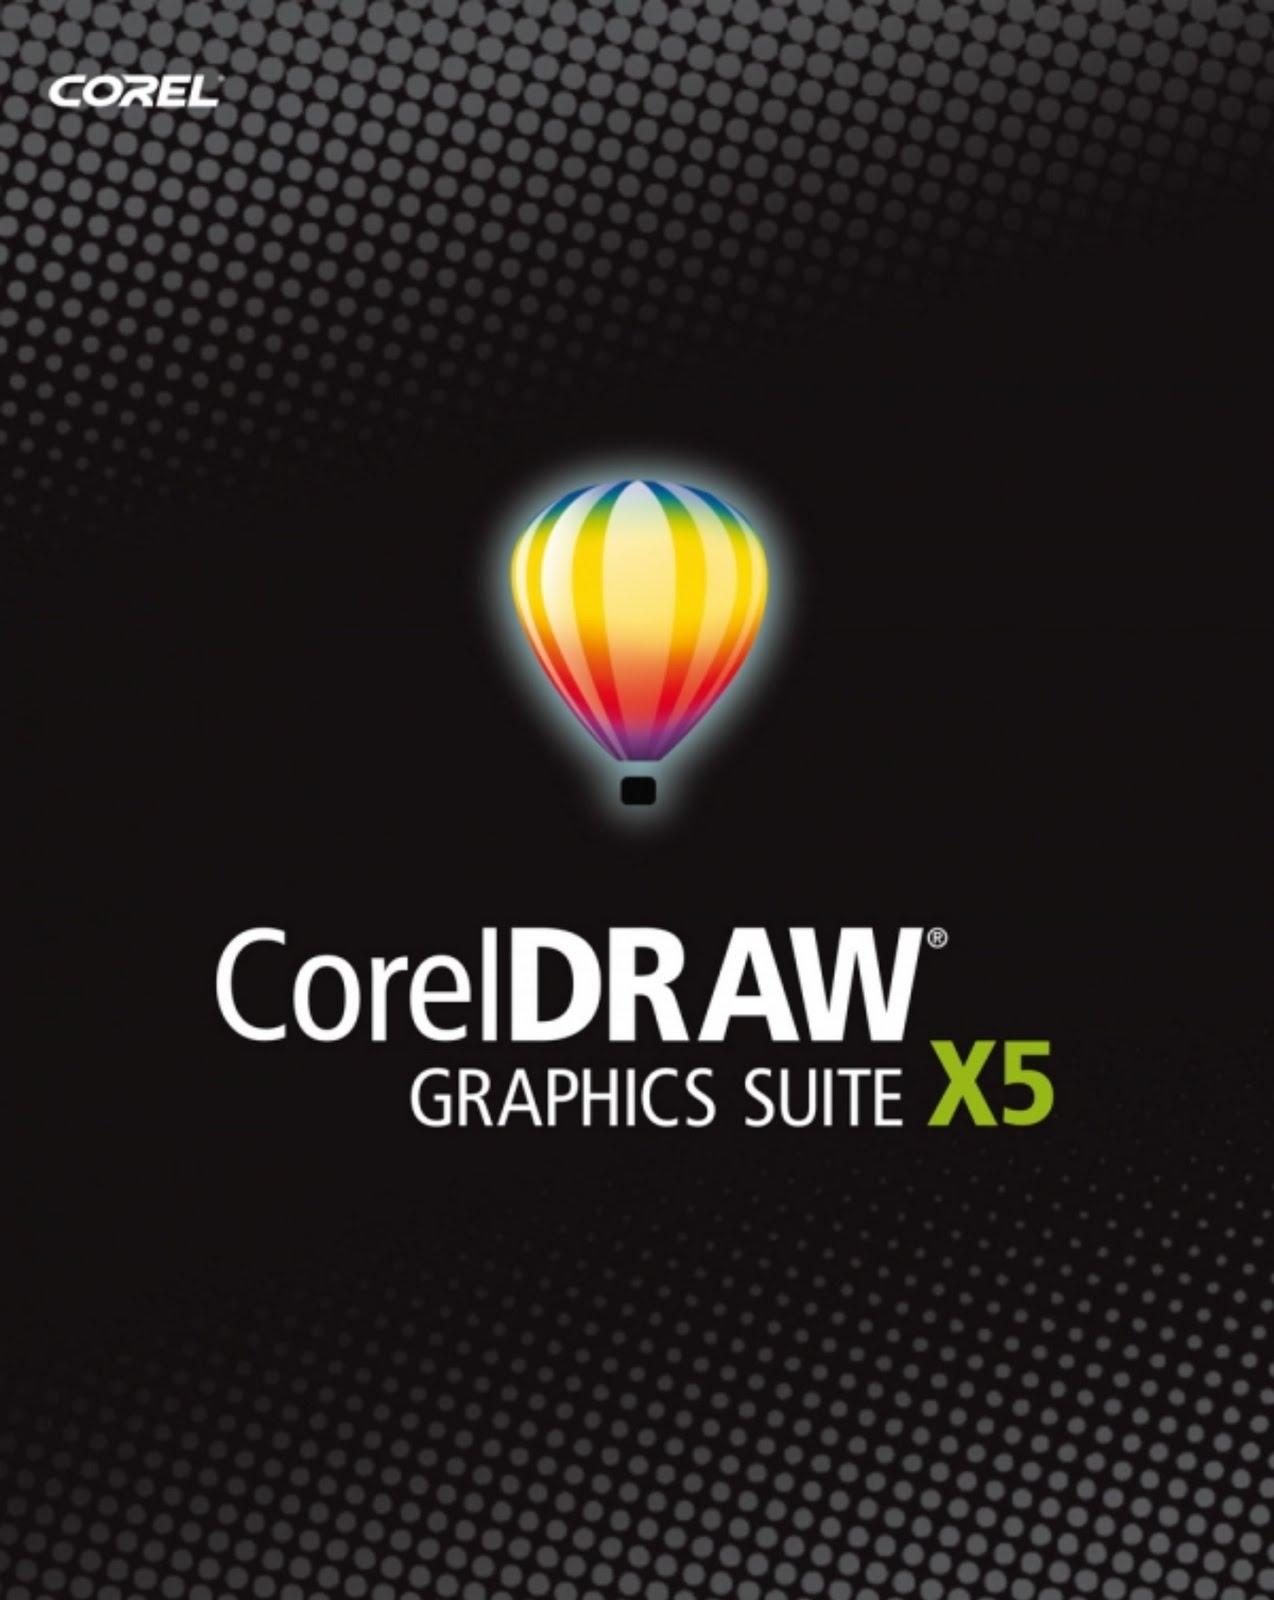 Clipart Corel Draw Gratis Descargar